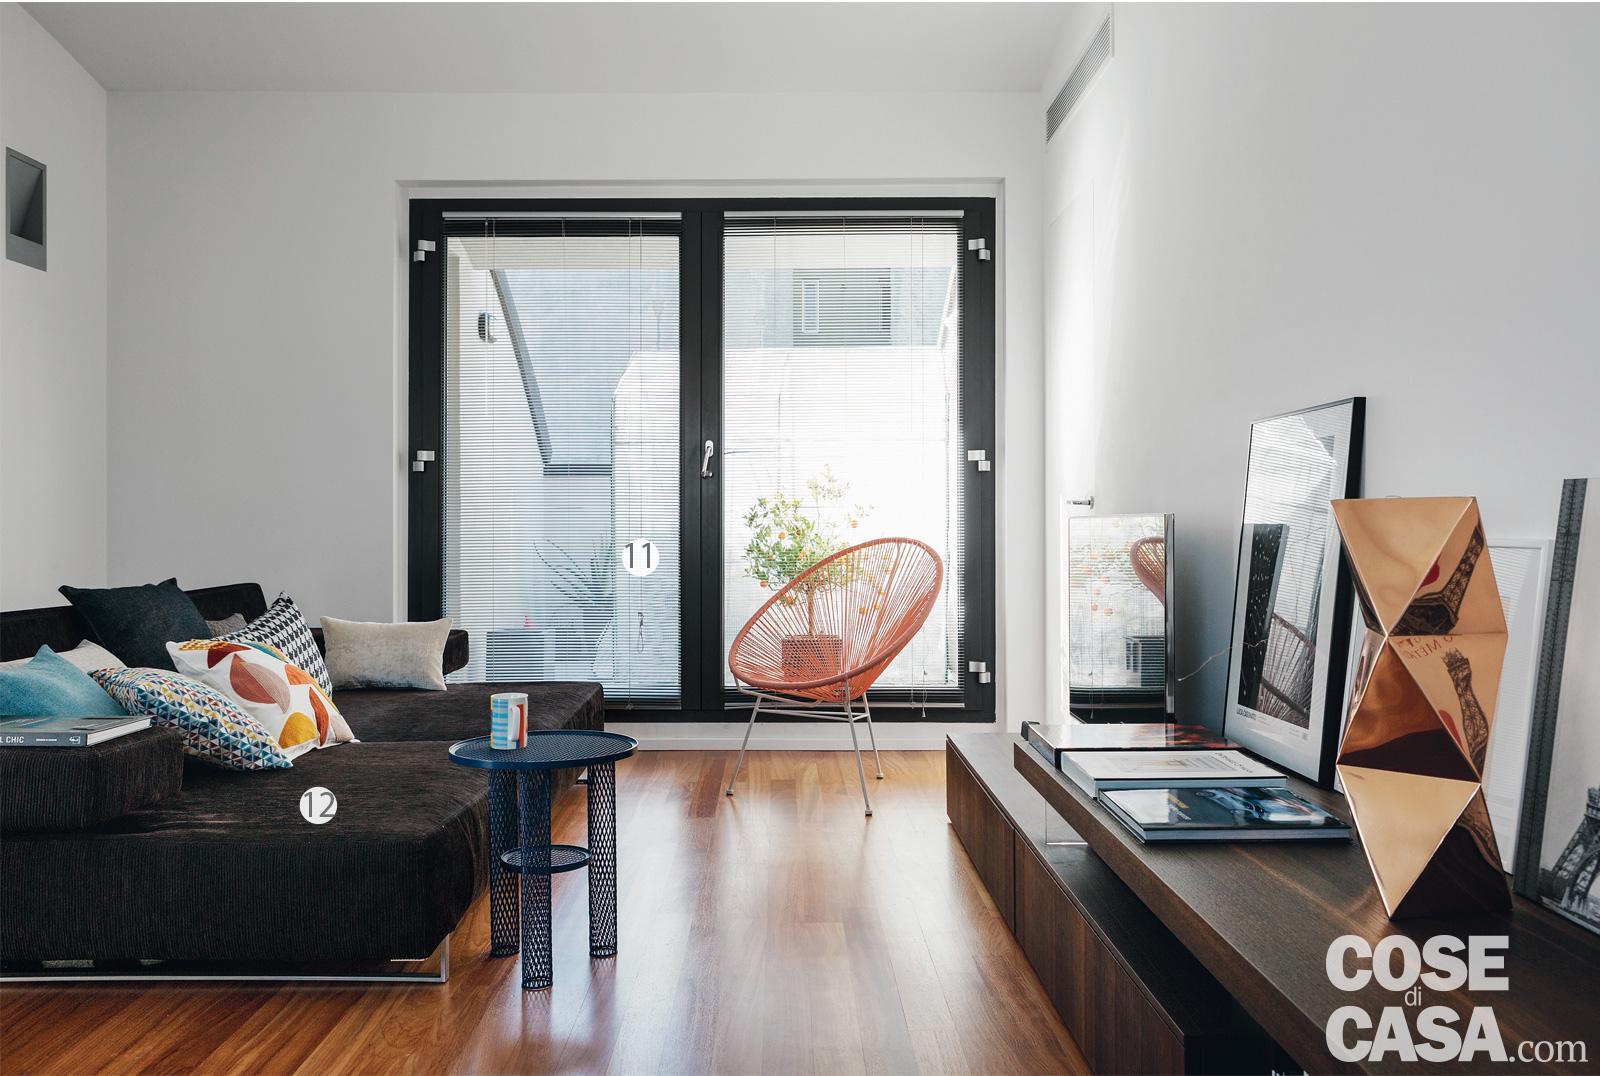 Stacco Tra Parquet E Piastrelle casa su due livelli, 115 mq minimal e contemporanei - cose